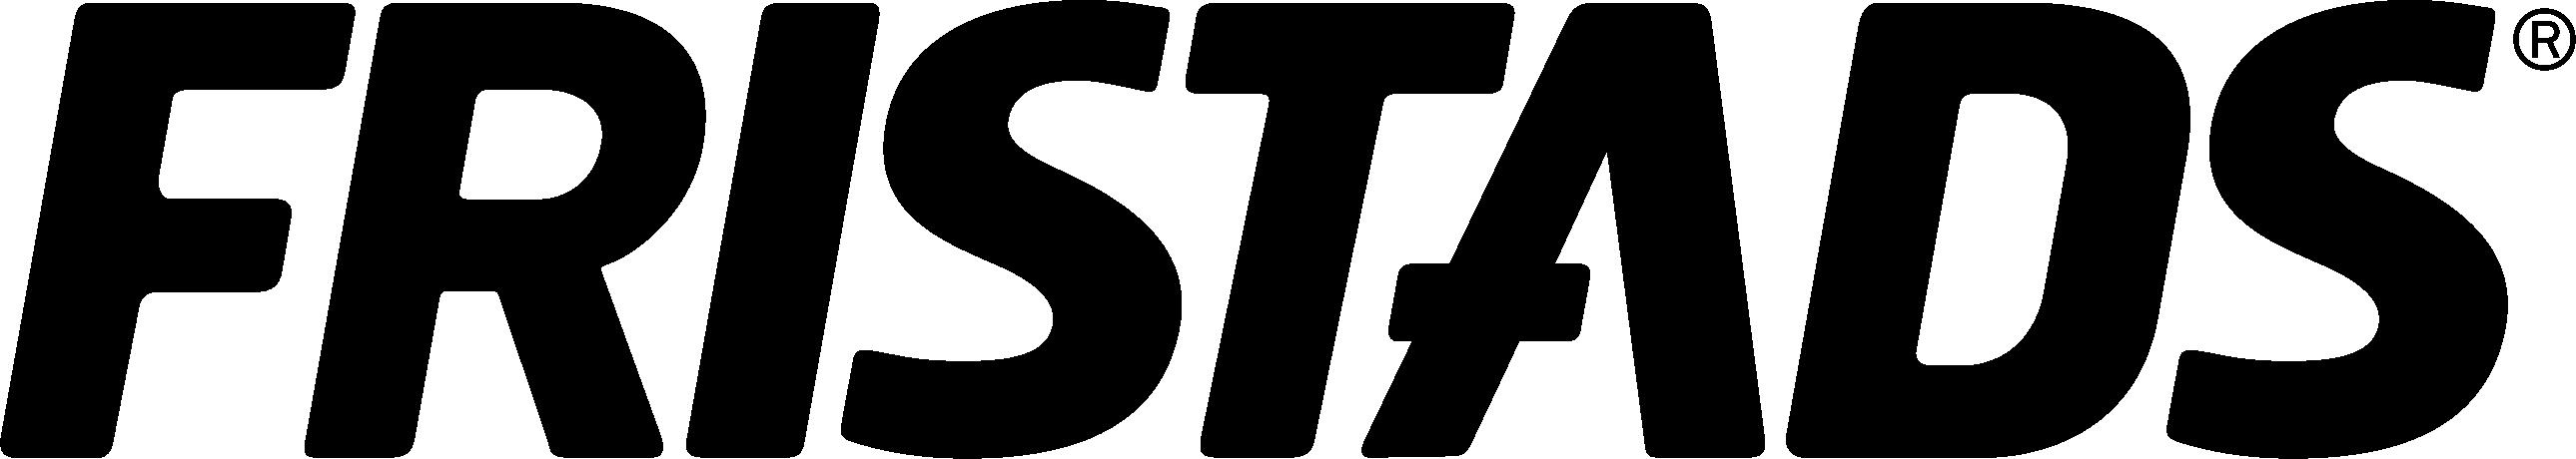 Fristads_logo_black-2